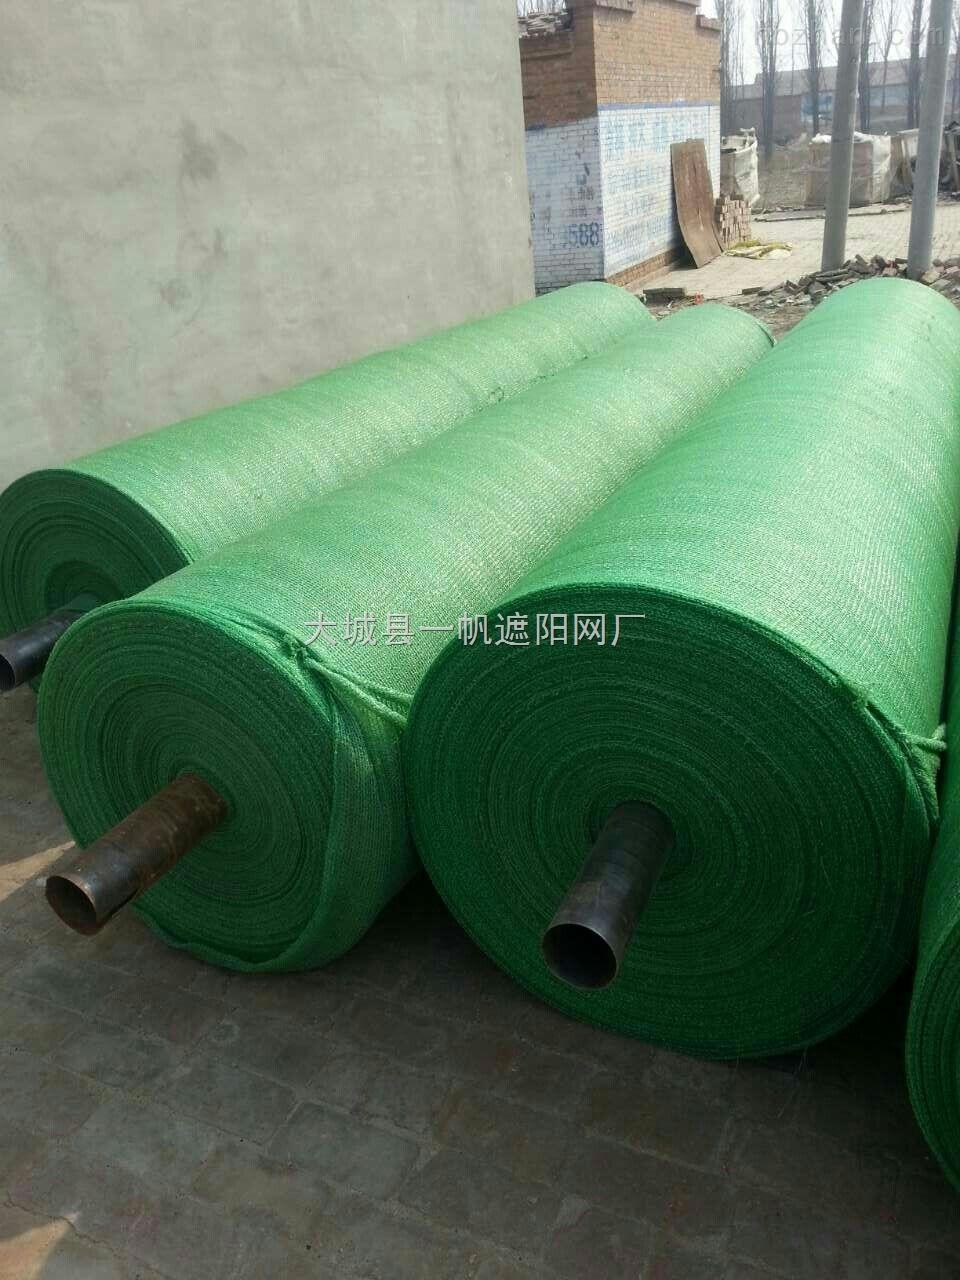 石家庄供应抗老化防尘网,温室遮阳网